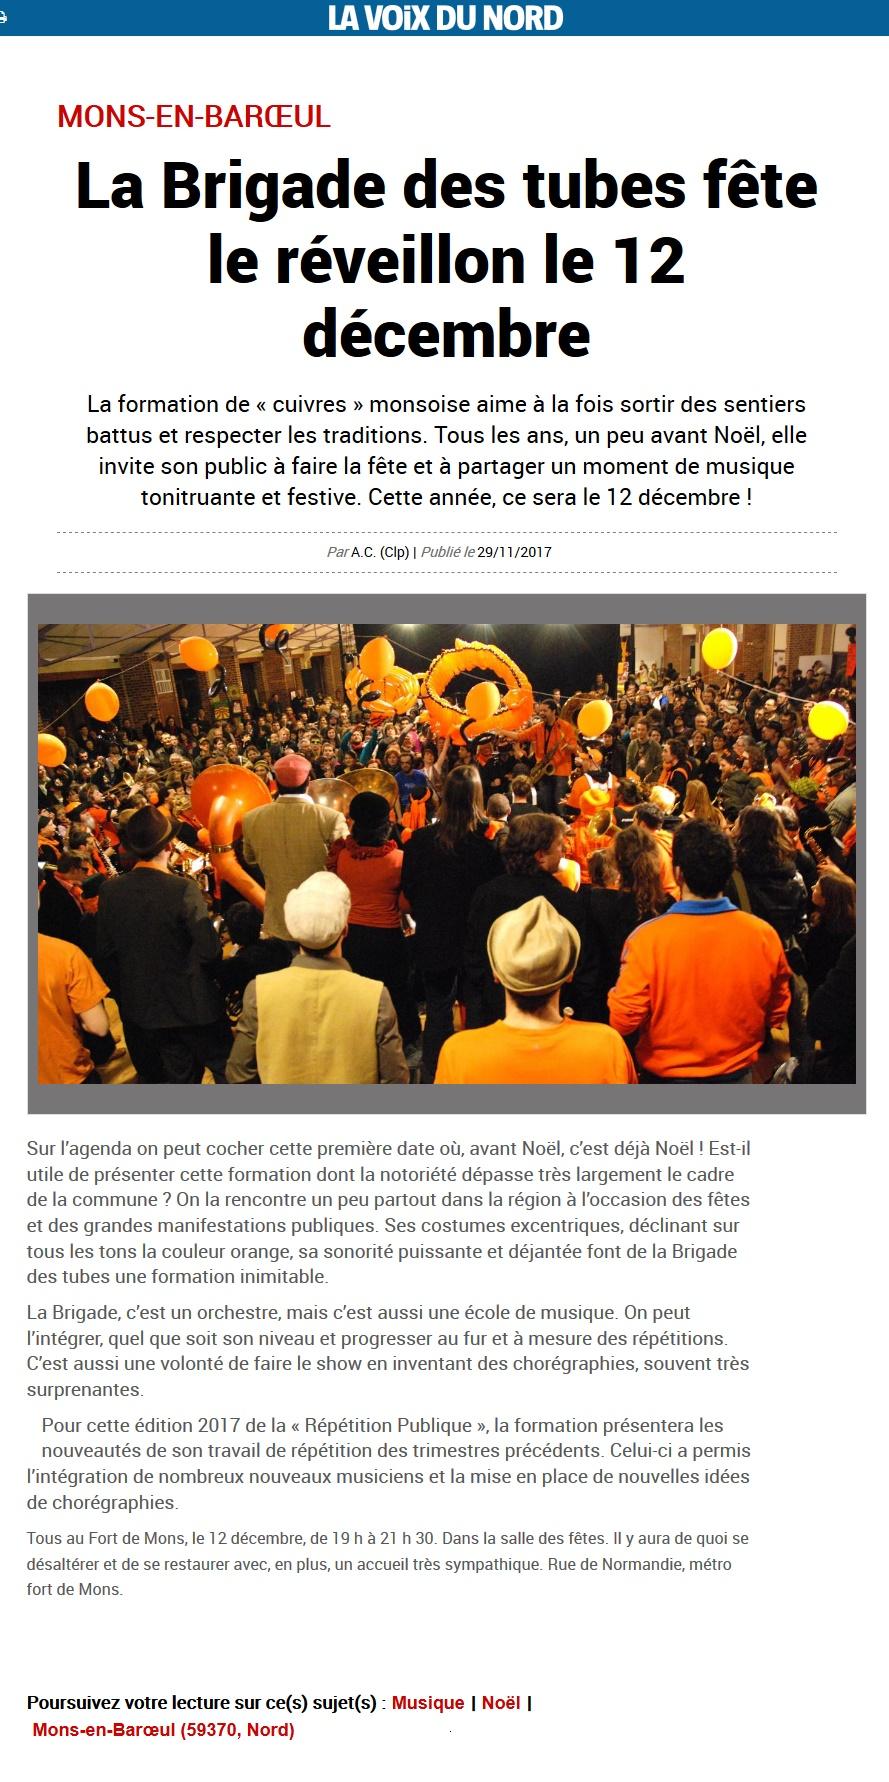 171129 - La Voix du Nord - La Brigade des tubes fête le réveillon le 12 décembre